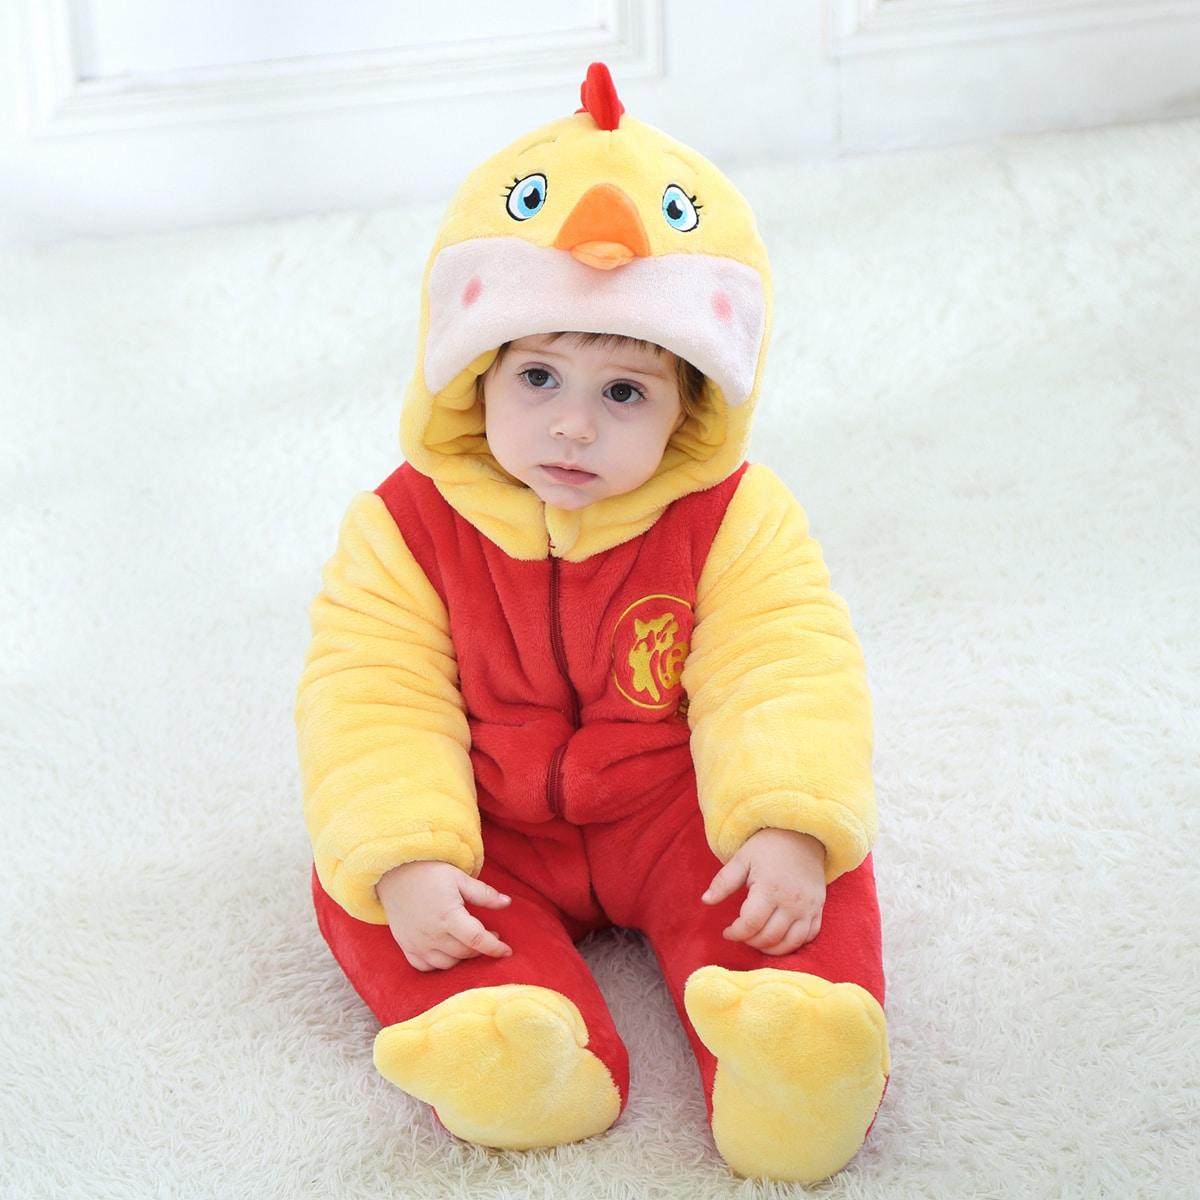 Аппликация мультяшный принт костюм с дизайном  для малышей